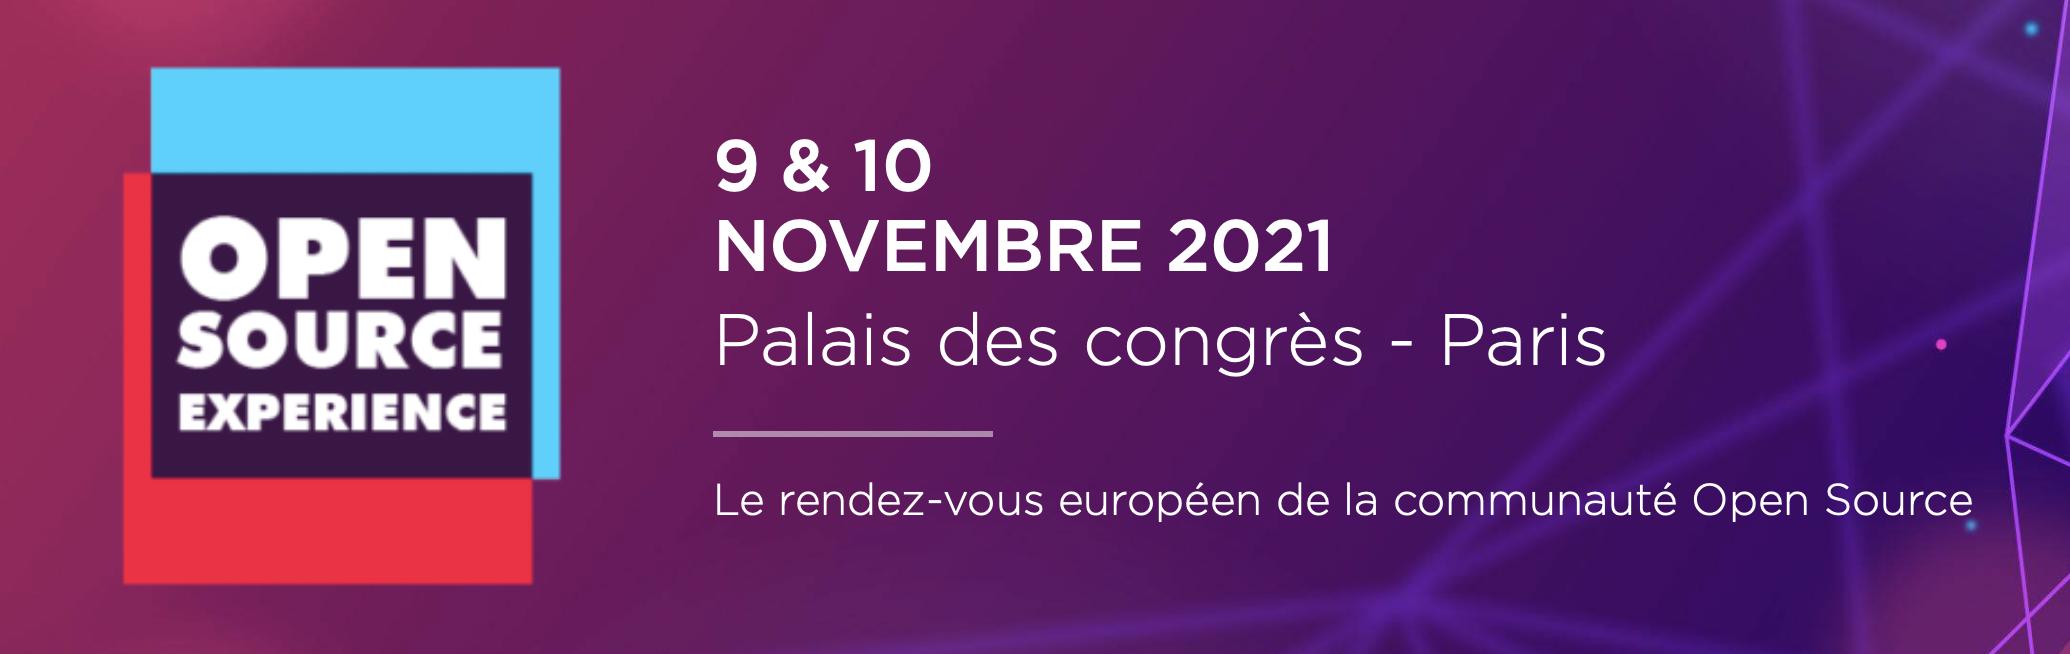 Open Source event Paris